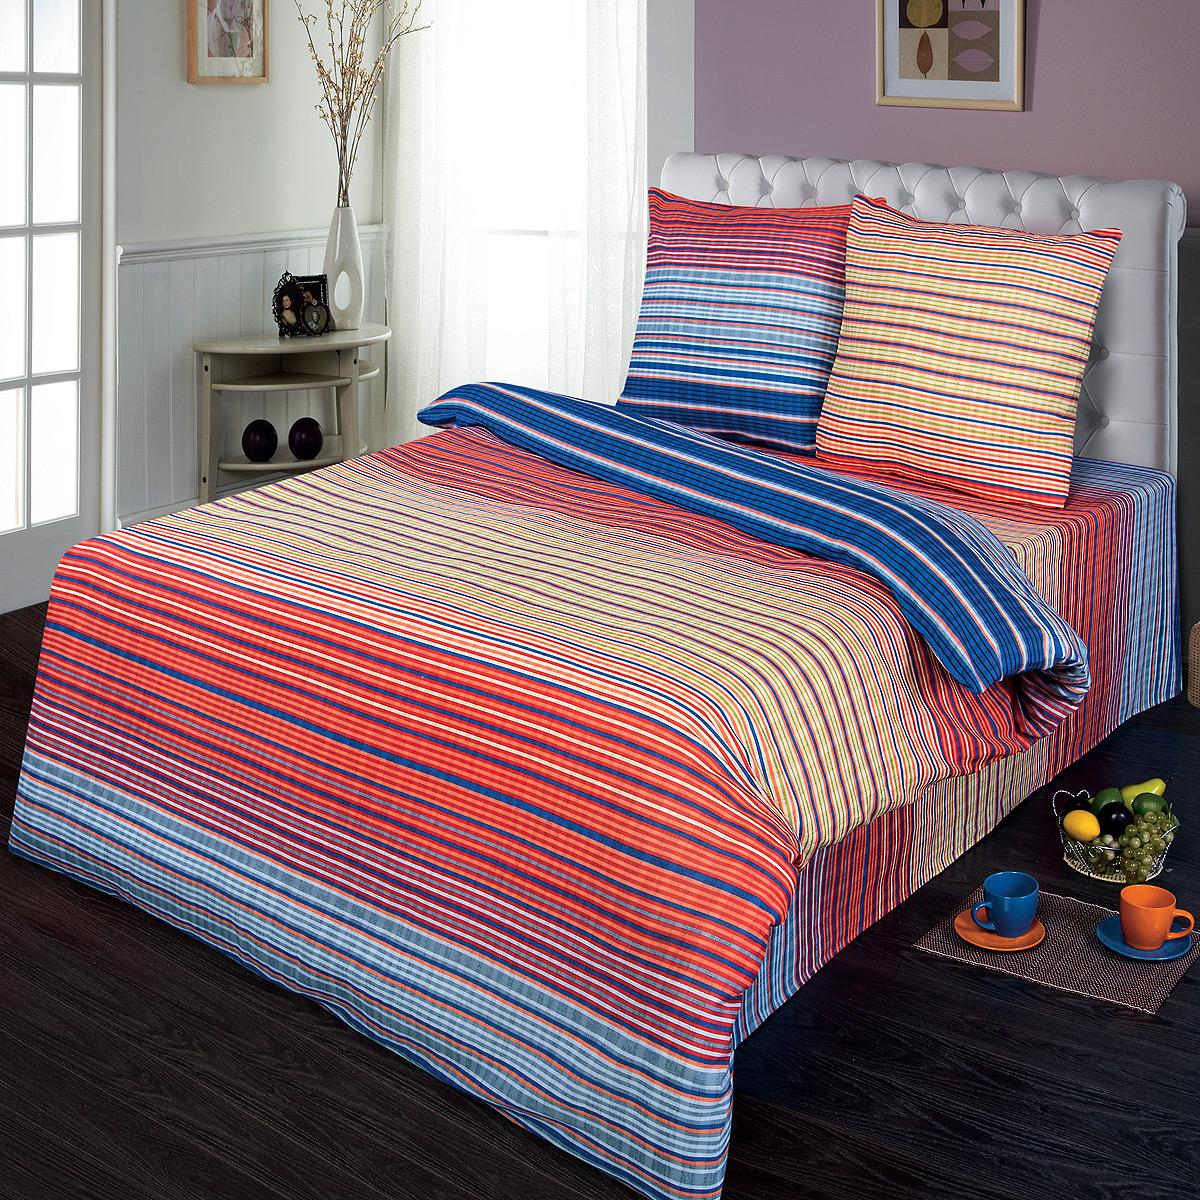 Комплект белья Шоколад Кавалер, 1,5-спальный, наволочки 70x70. Б100Б100Комплект постельного белья Шоколад Кавалер является экологически безопасным для всей семьи, так как выполнен из натурального хлопка. Комплект состоит из пододеяльника, простыни и двух наволочек. Постельное белье оформлено оригинальным рисунком и имеет изысканный внешний вид. Бязь - это ткань полотняного переплетения, изготовленная из экологически чистого и натурального 100% хлопка. Она прочная, мягкая, обладает низкой сминаемостью, легко стирается и хорошо гладится. Бязь прекрасно пропускает воздух и за ней легко ухаживать. При соблюдении рекомендуемых условий стирки, сушки и глажения ткань имеет усадку по ГОСТу, сохранятся яркость текстильных рисунков. Приобретая комплект постельного белья Шоколад Кавалер, вы можете быть уверены в том, что покупка доставит вам и вашим близким удовольствие и подарит максимальный комфорт.